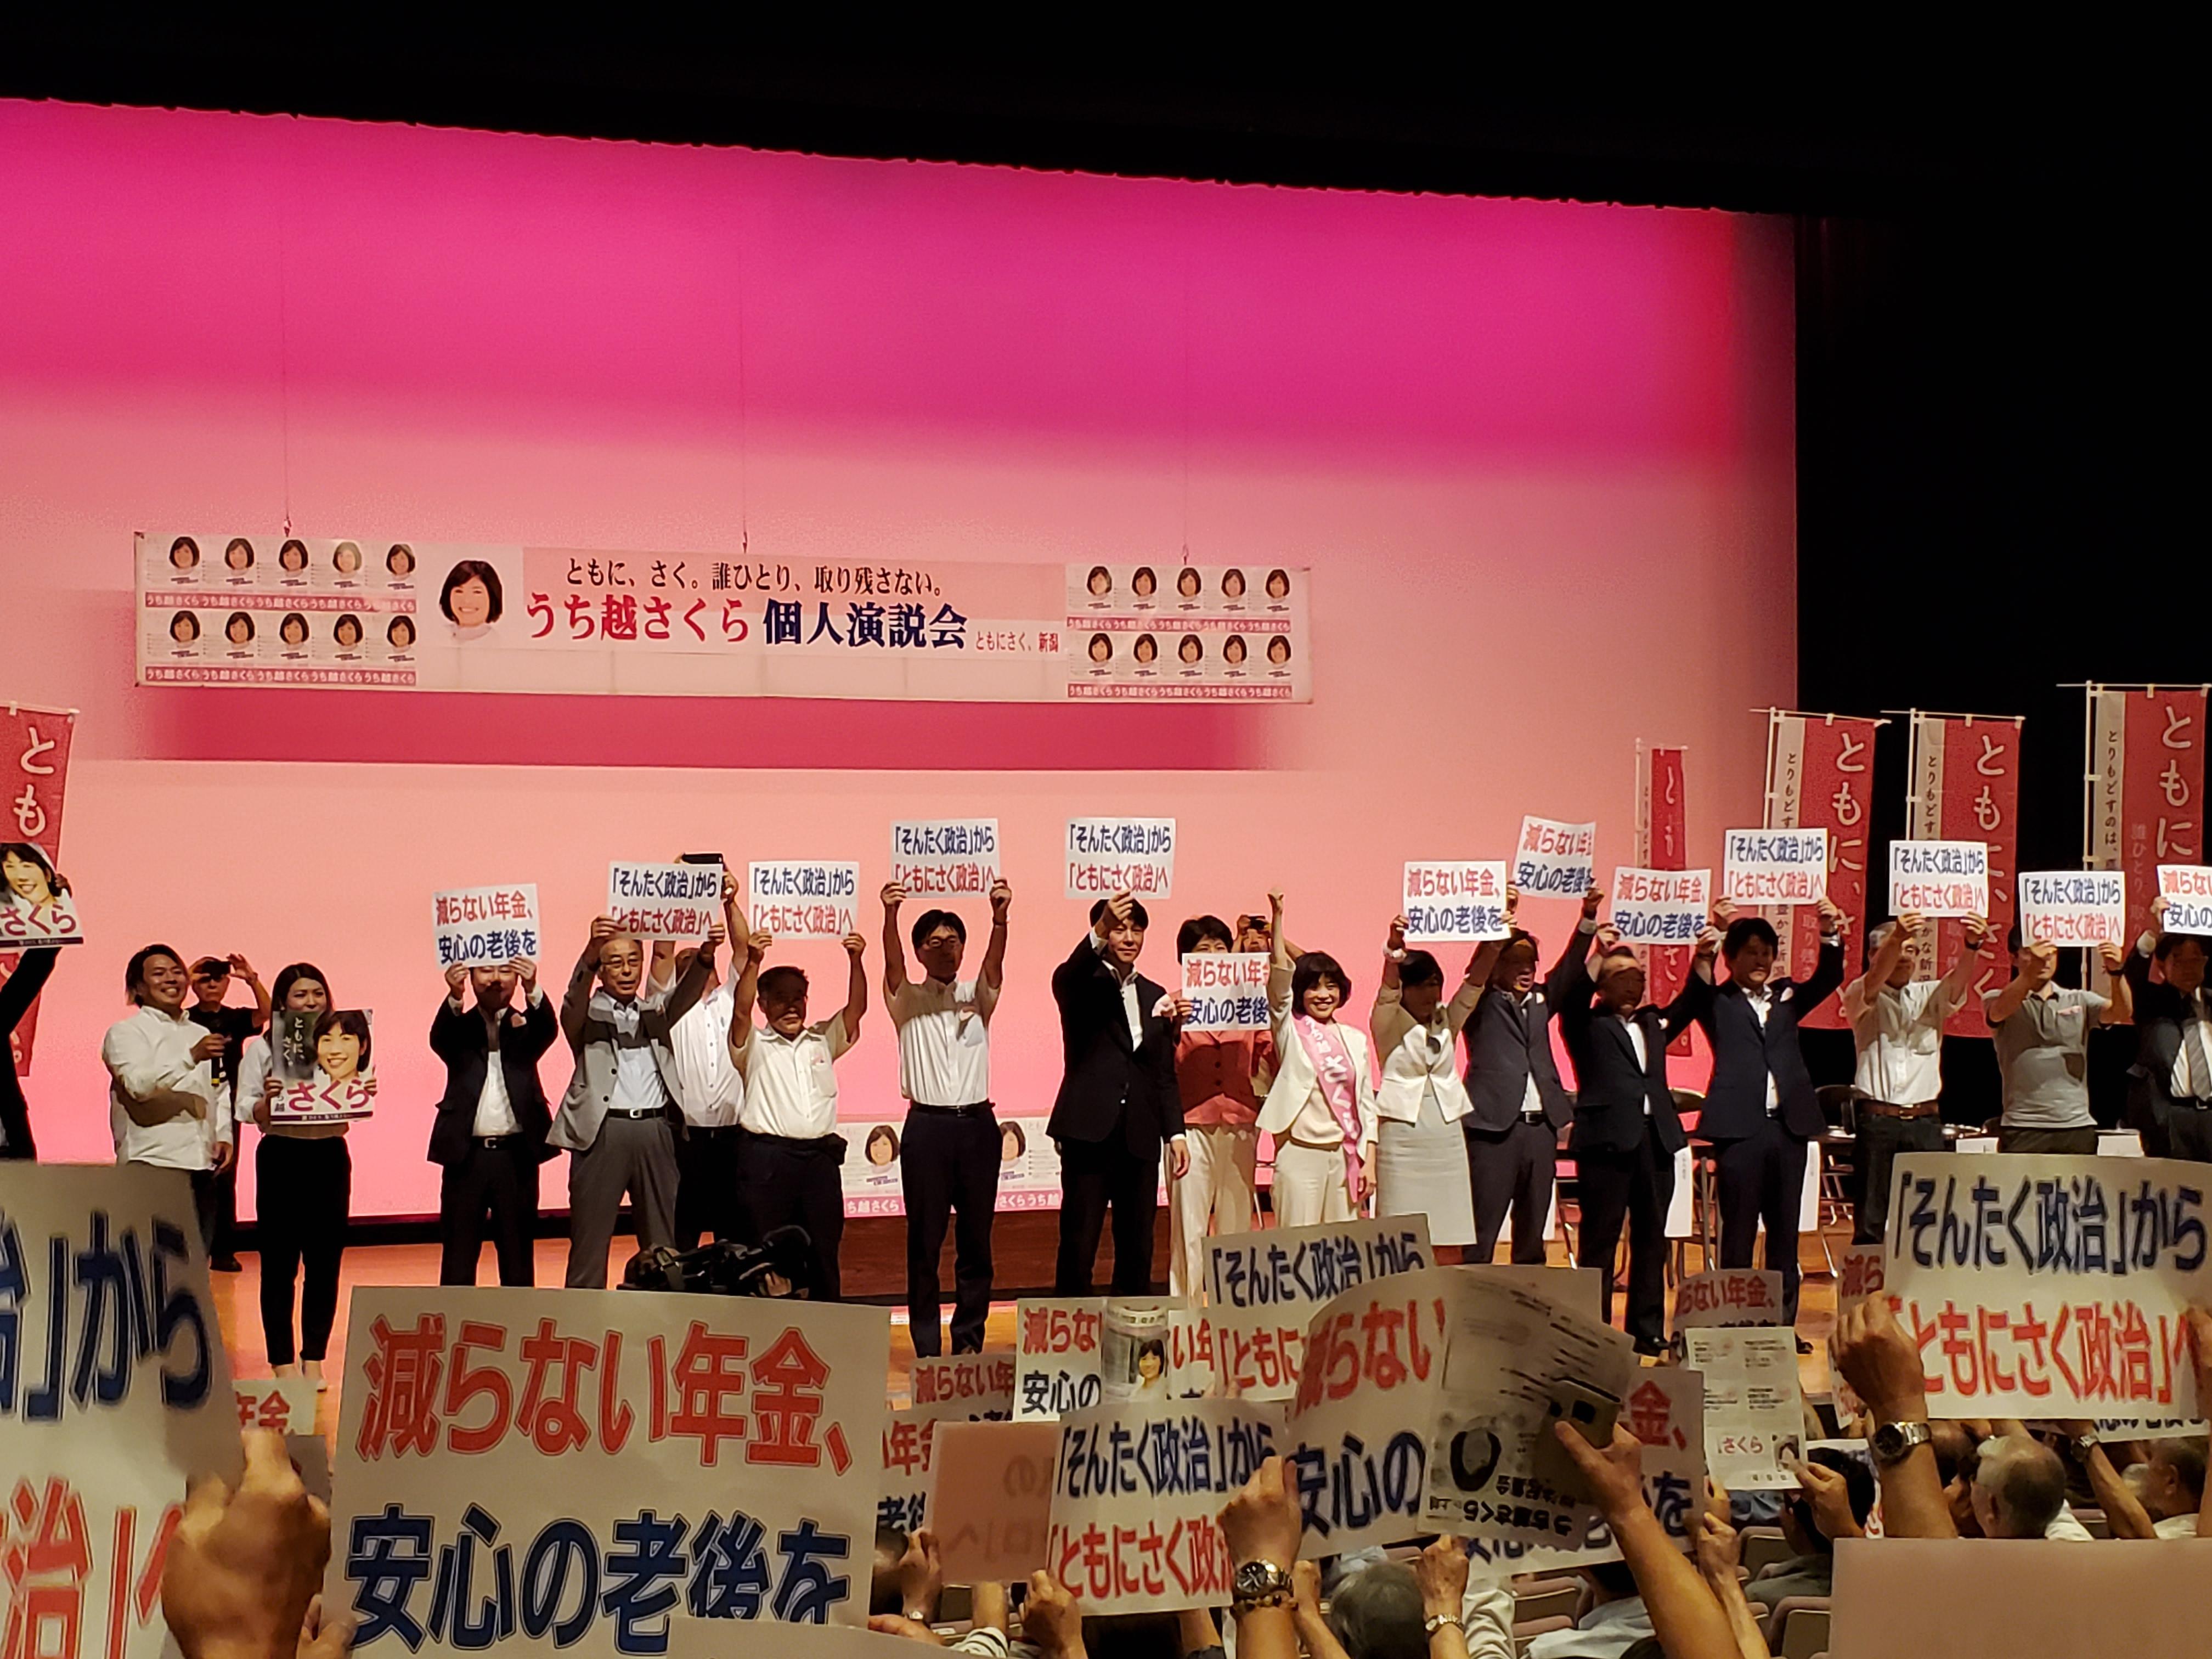 http://www.inoue-satoshi.com/diary/20190706_134213.jpg